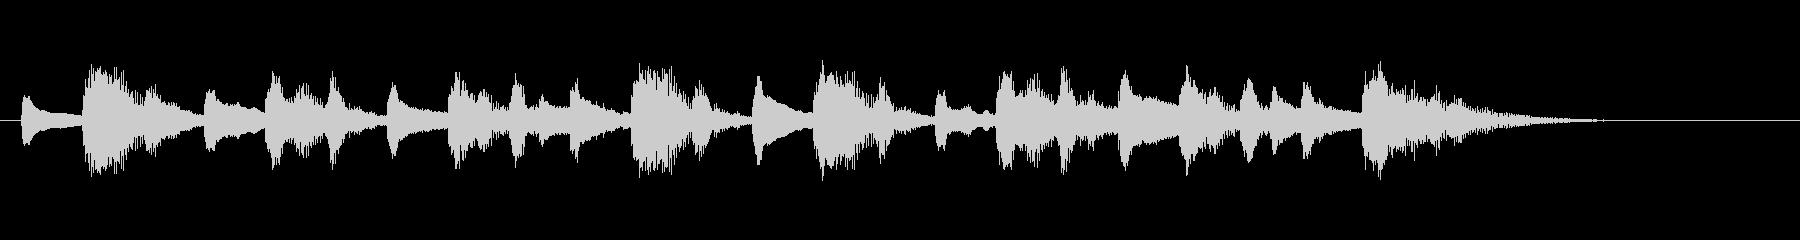 ストリングスによる不思議な感じのジングルの未再生の波形